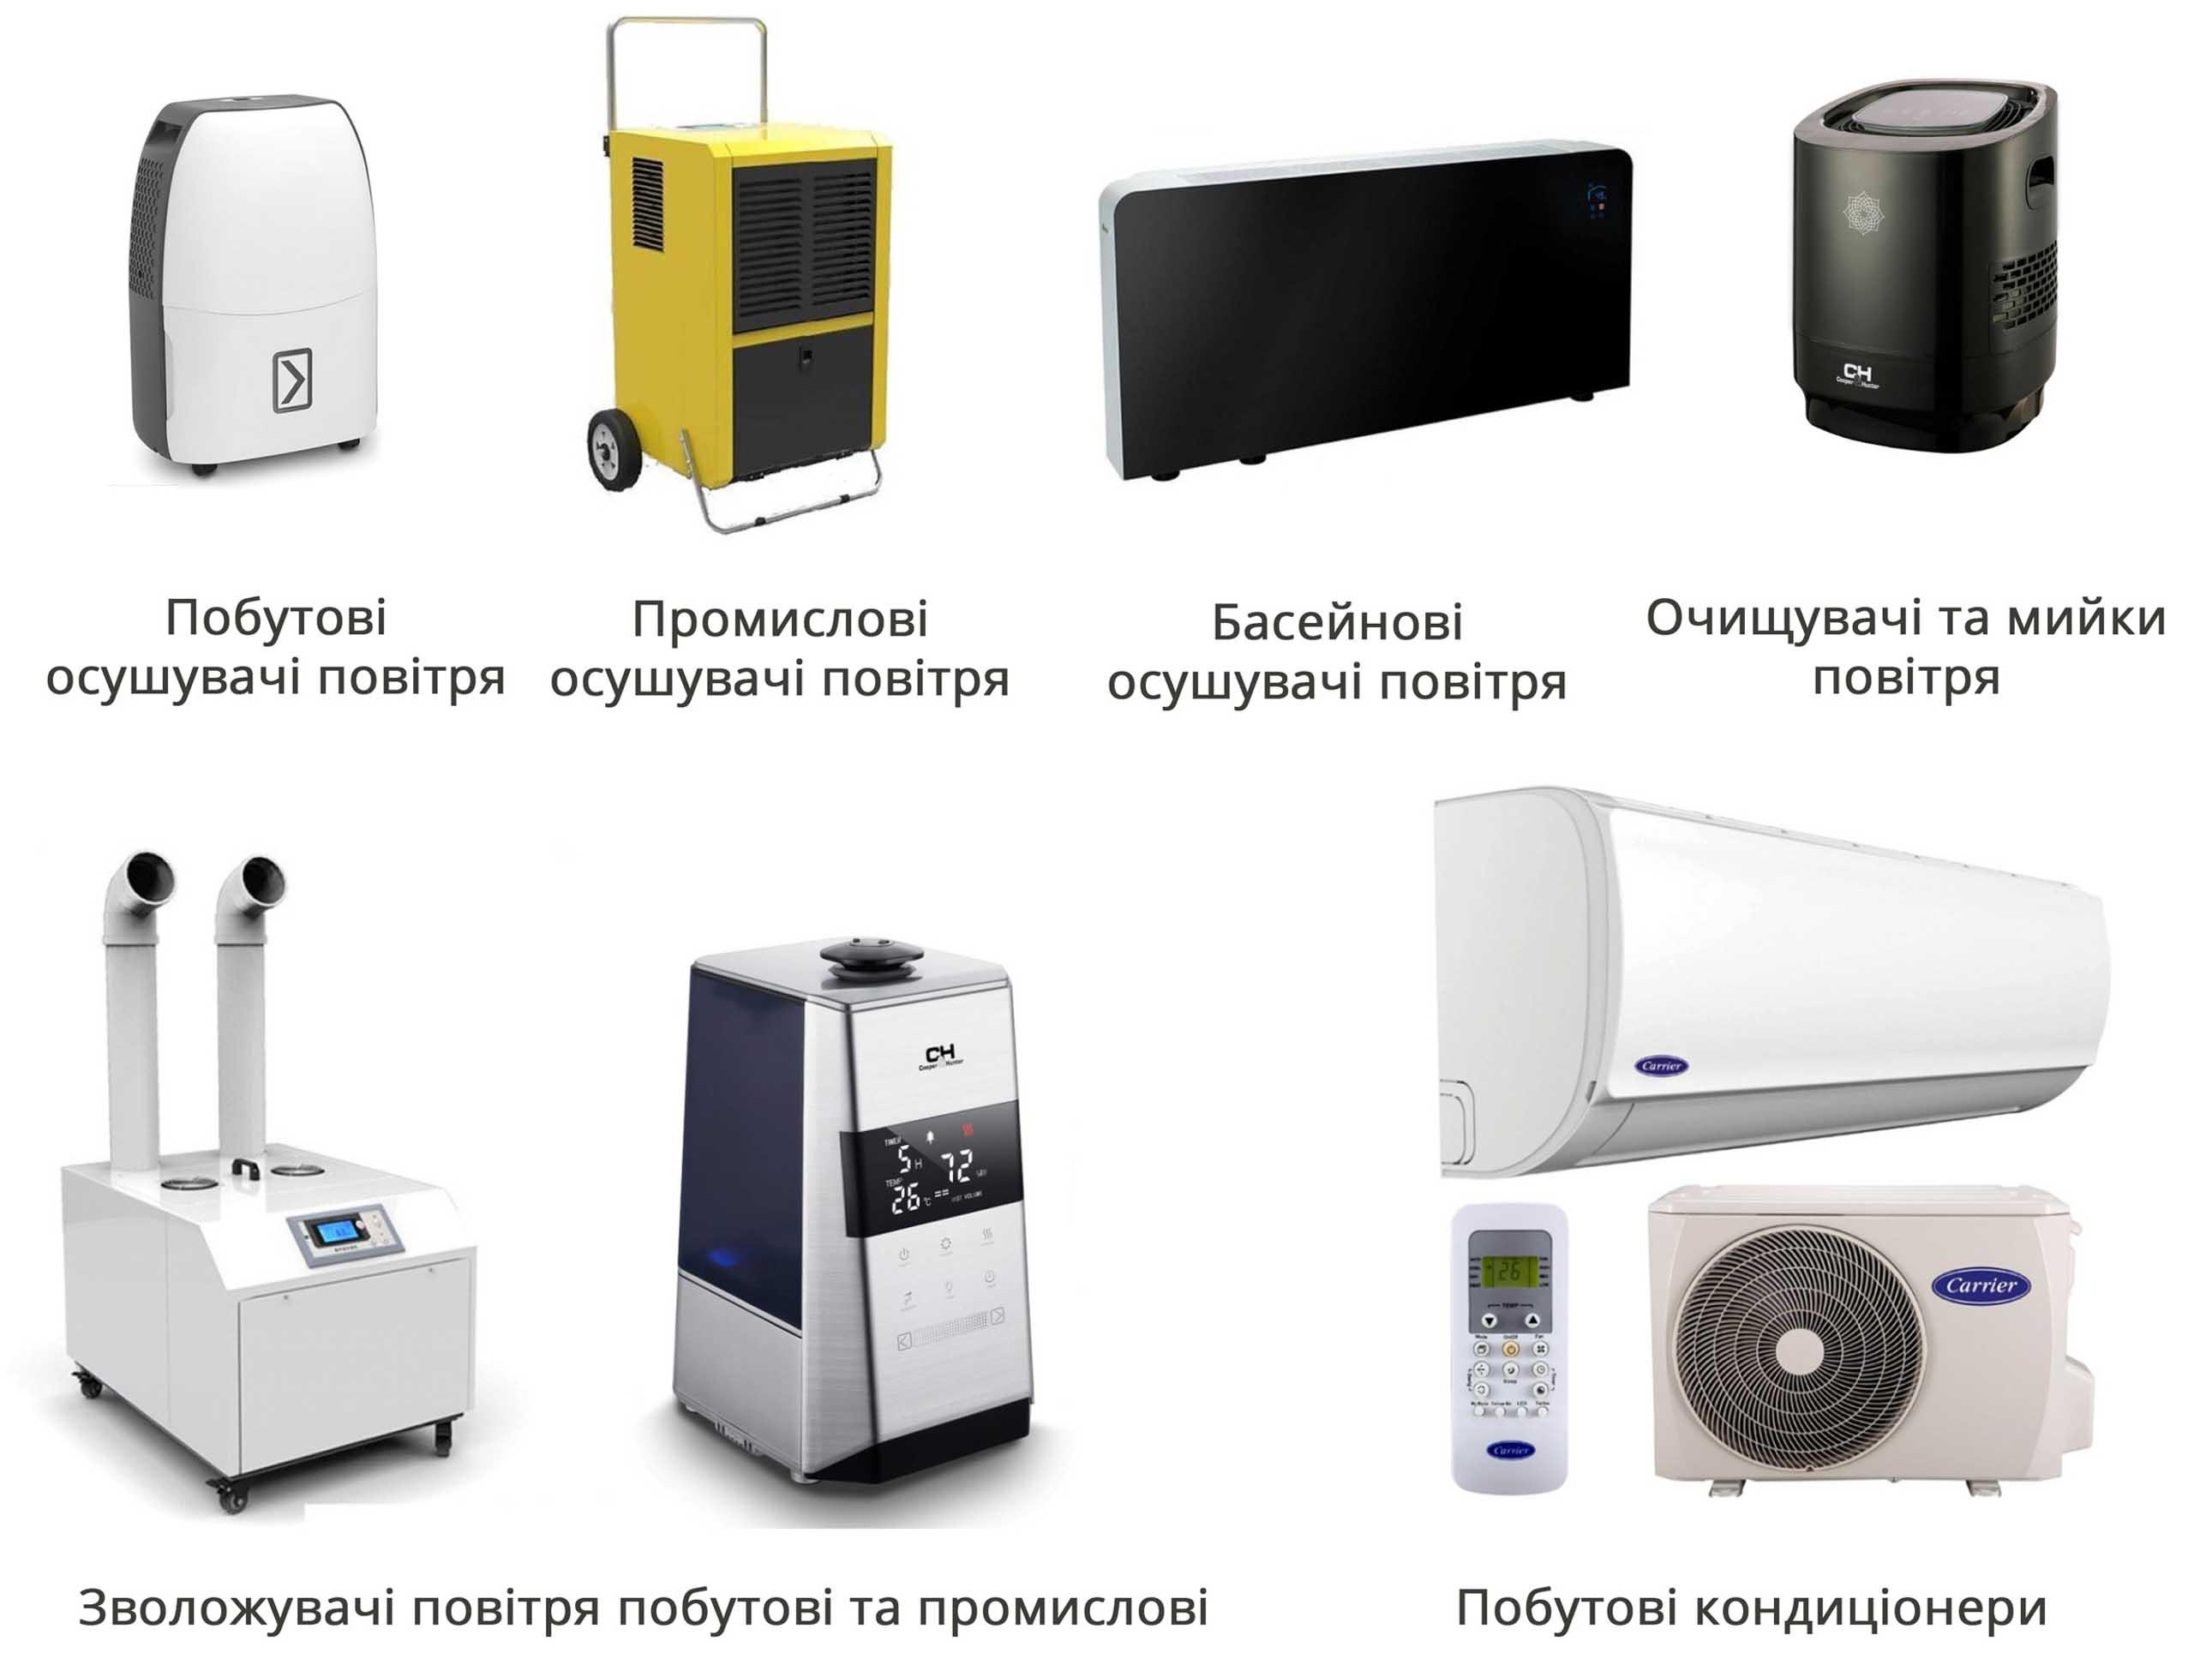 Осушители воздуха для дома и офиса немецкого качества фото 1